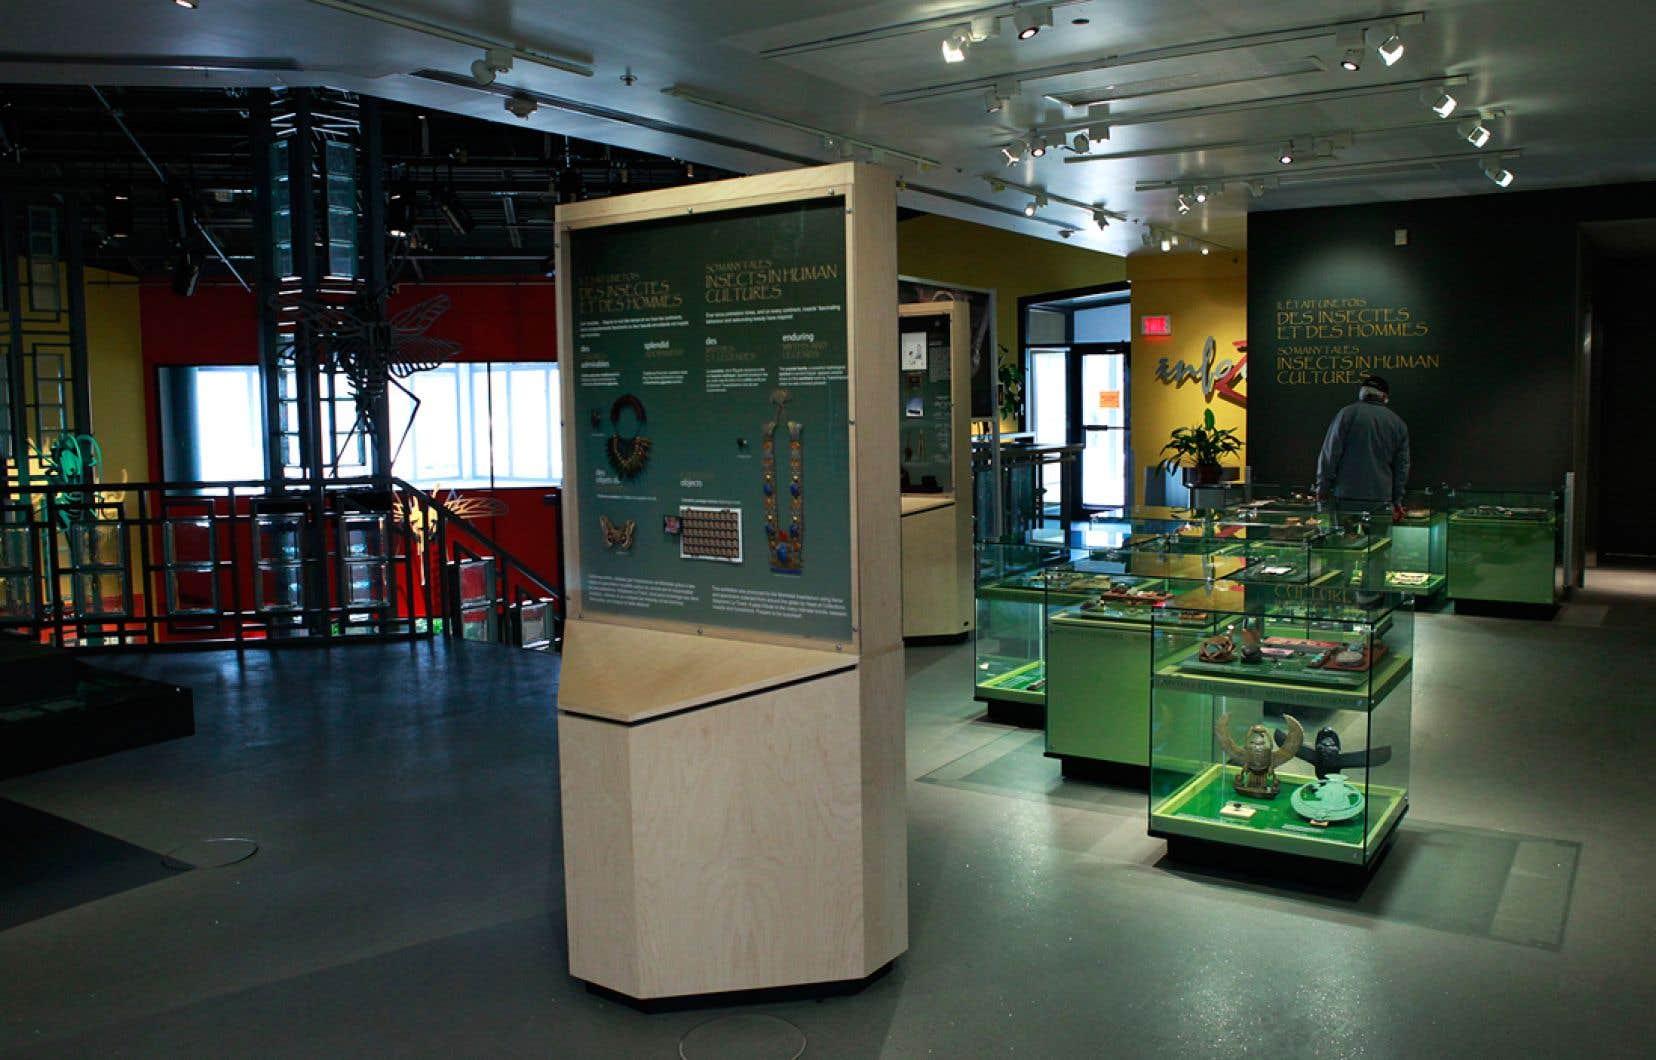 Le projet permettra au public de vivre une nouvelle expérience scénographique et participative à l'Insectarium dont la superficie sera 68% plus grande qu'actuellement.